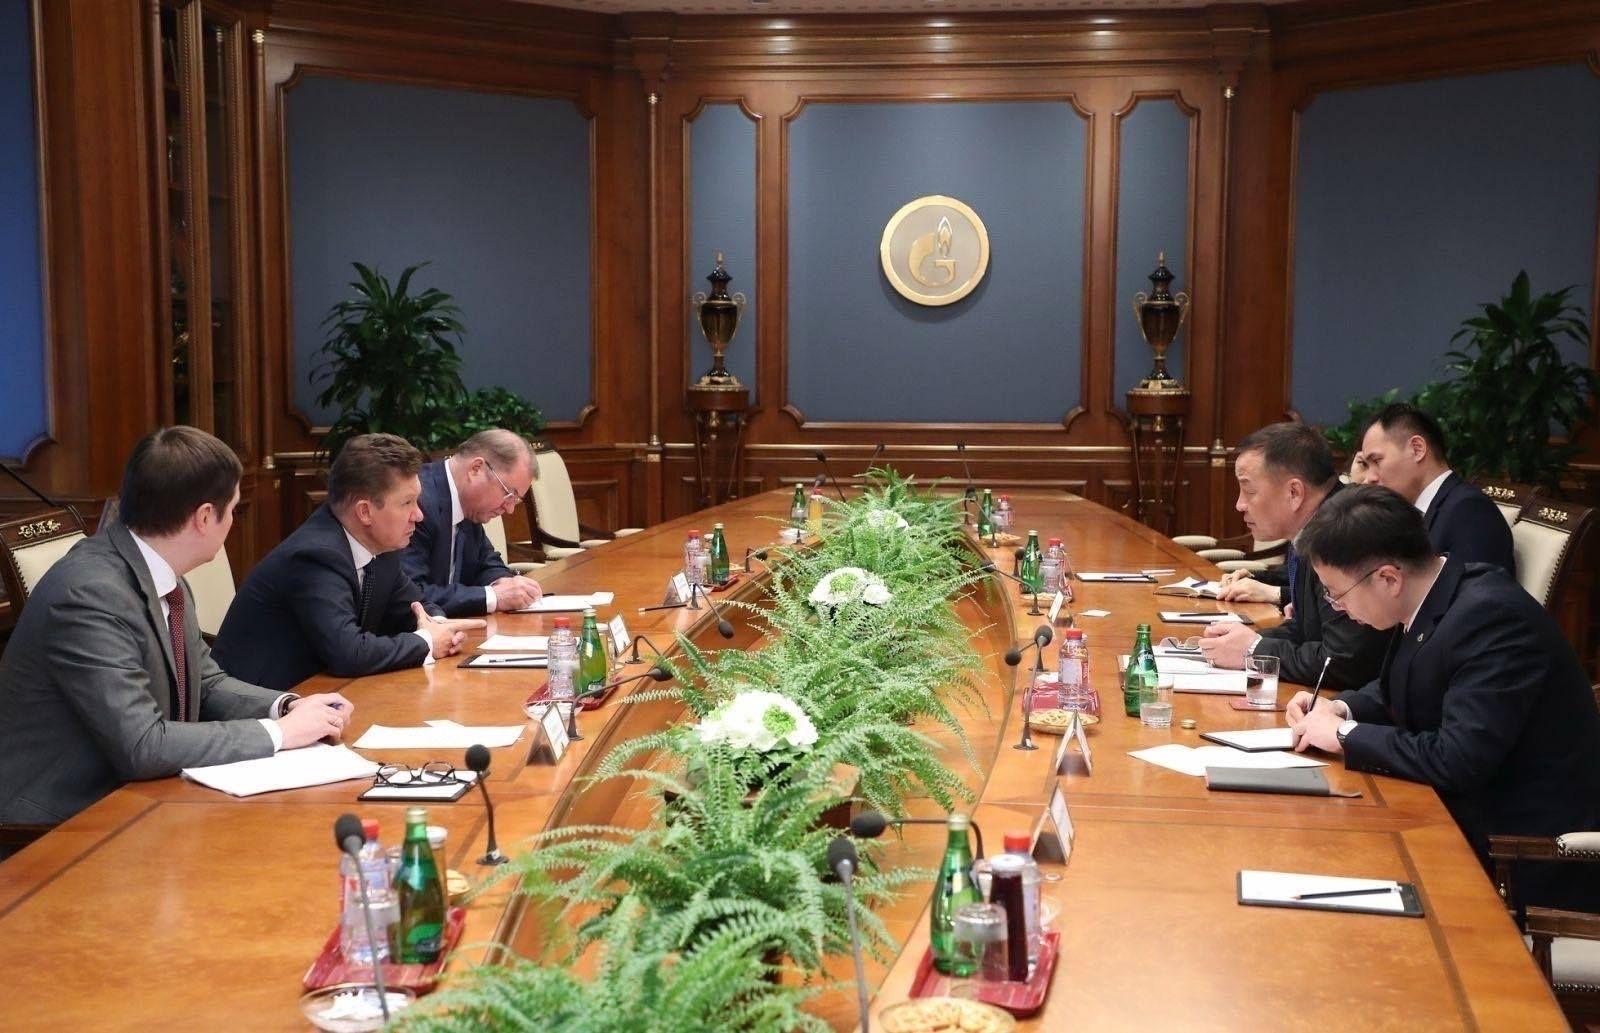 Хийн хоолойг Монголоор дамжуулах ТЭЗҮ-ийг боловсруулах Оросын талын ажлын хэсэг байгуулагджээ